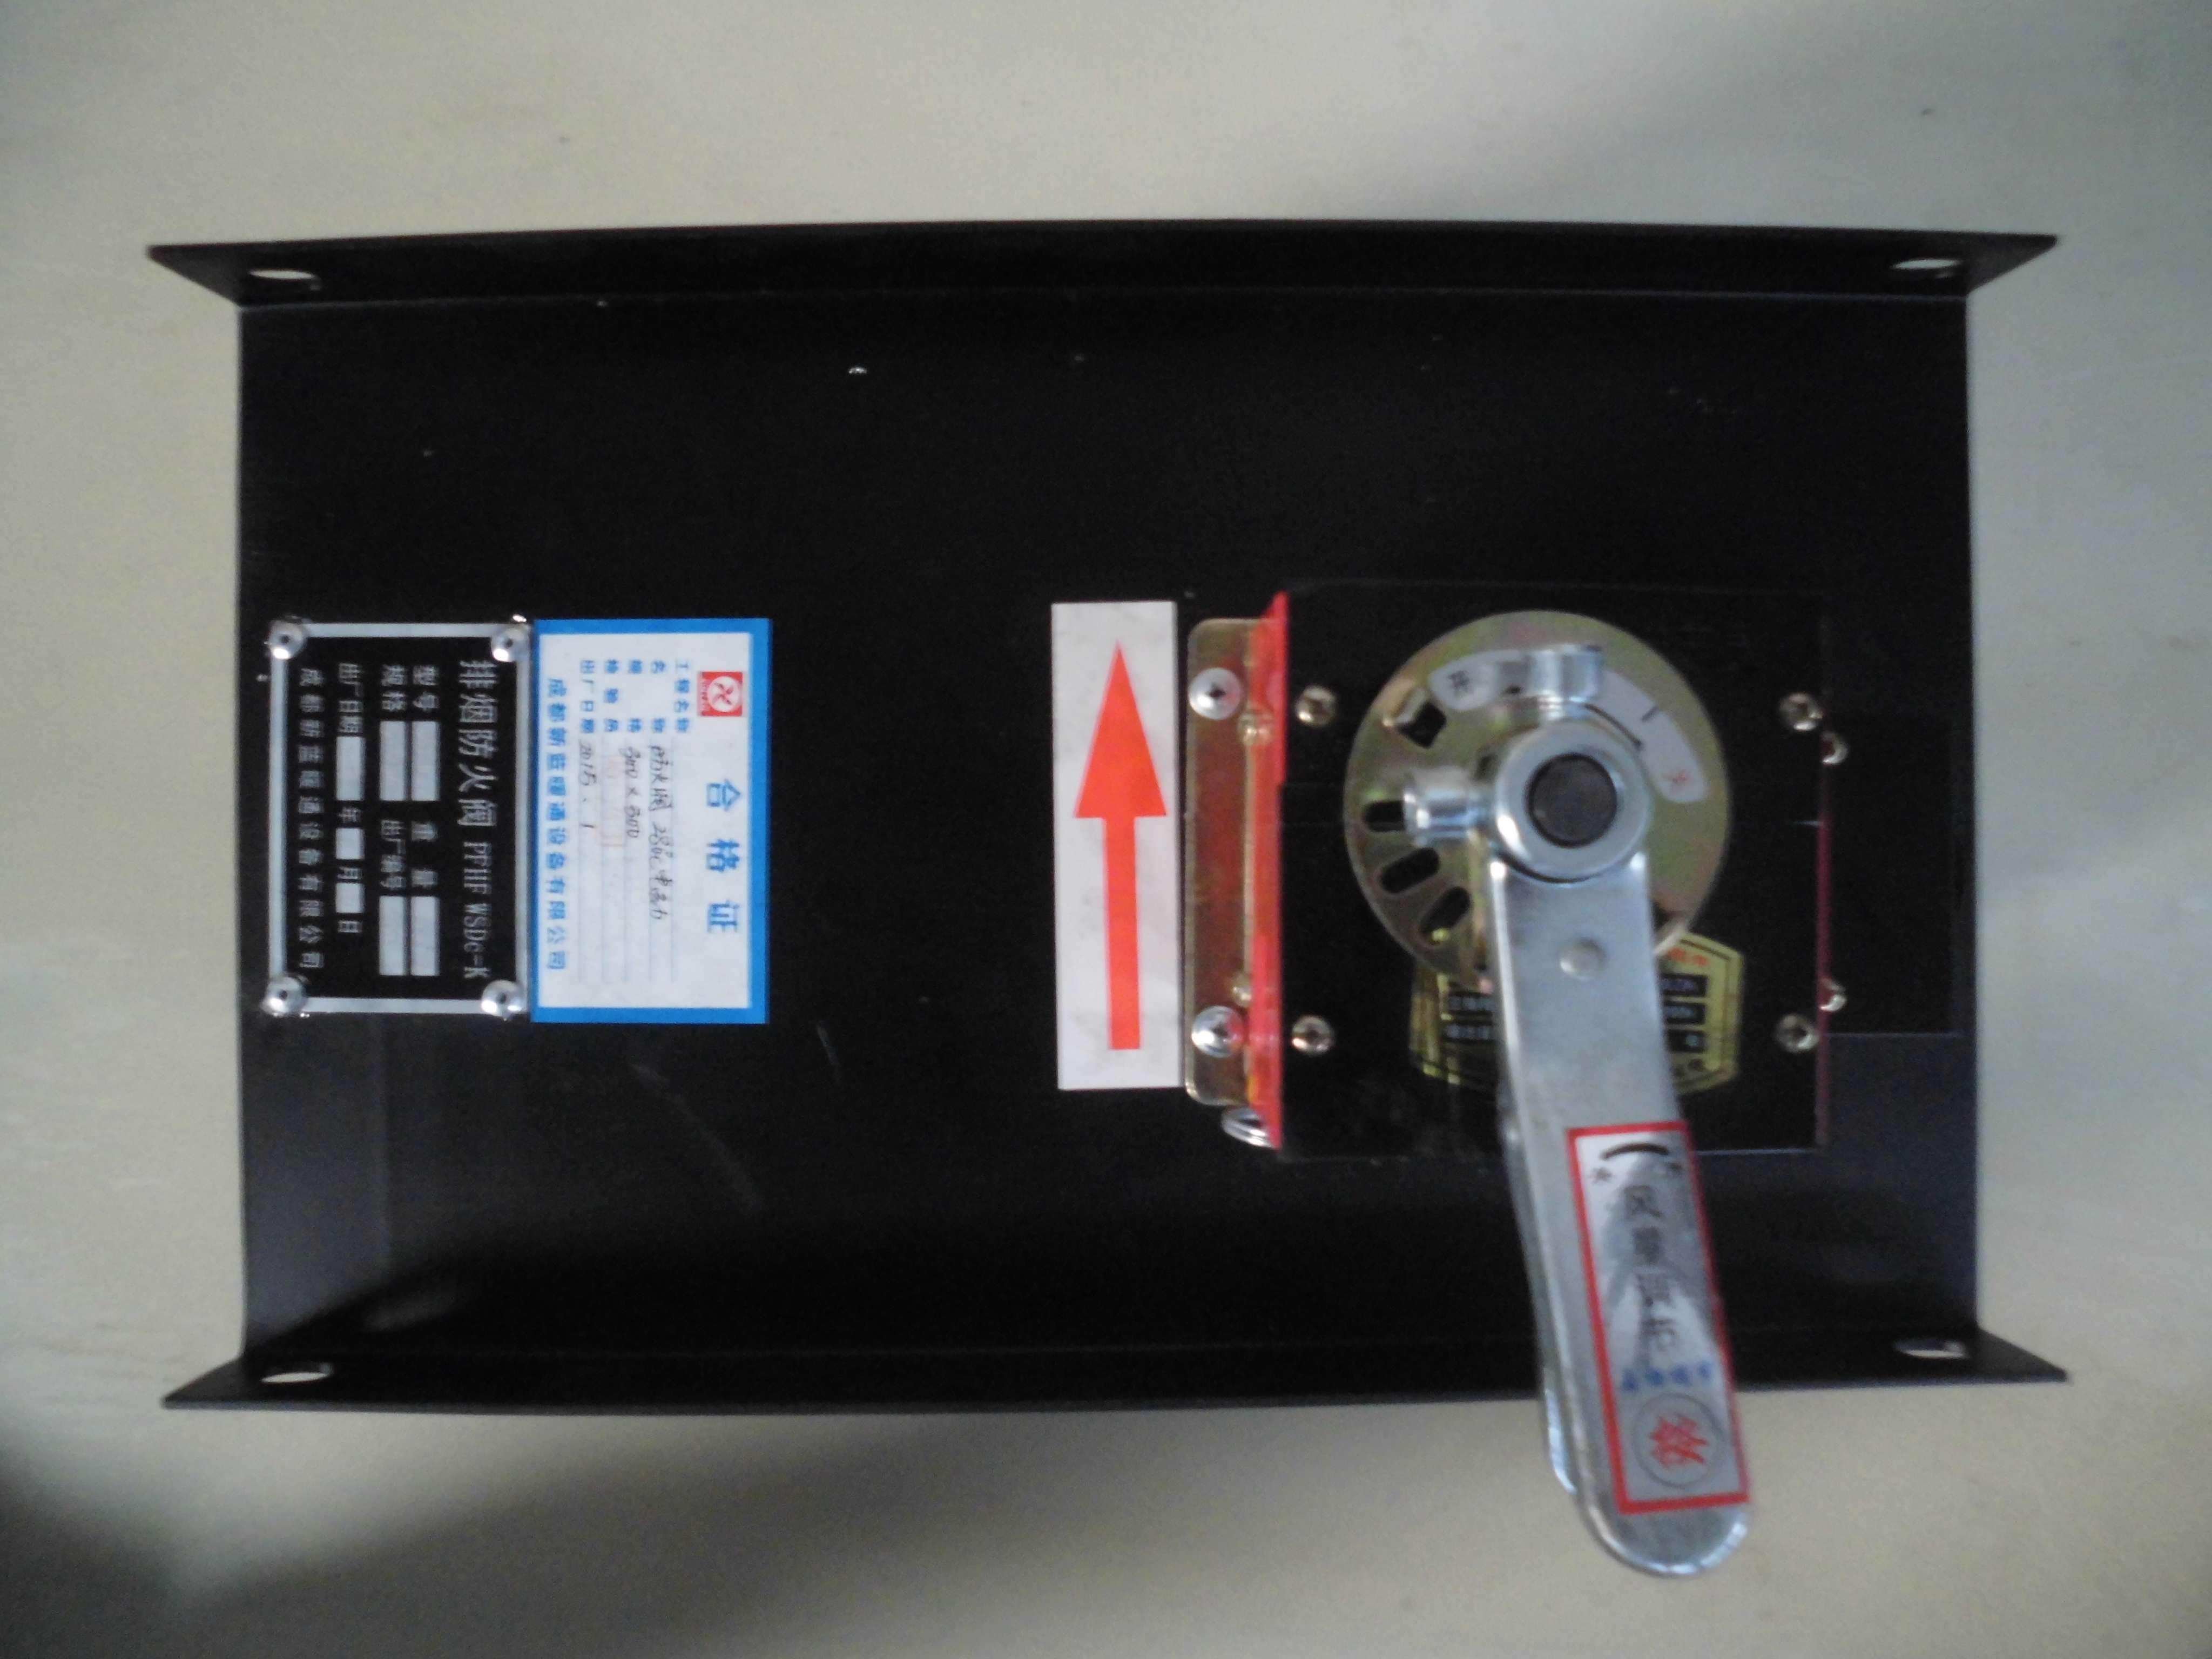 排烟防火阀 - 成都新蓝暖通设备有限公司